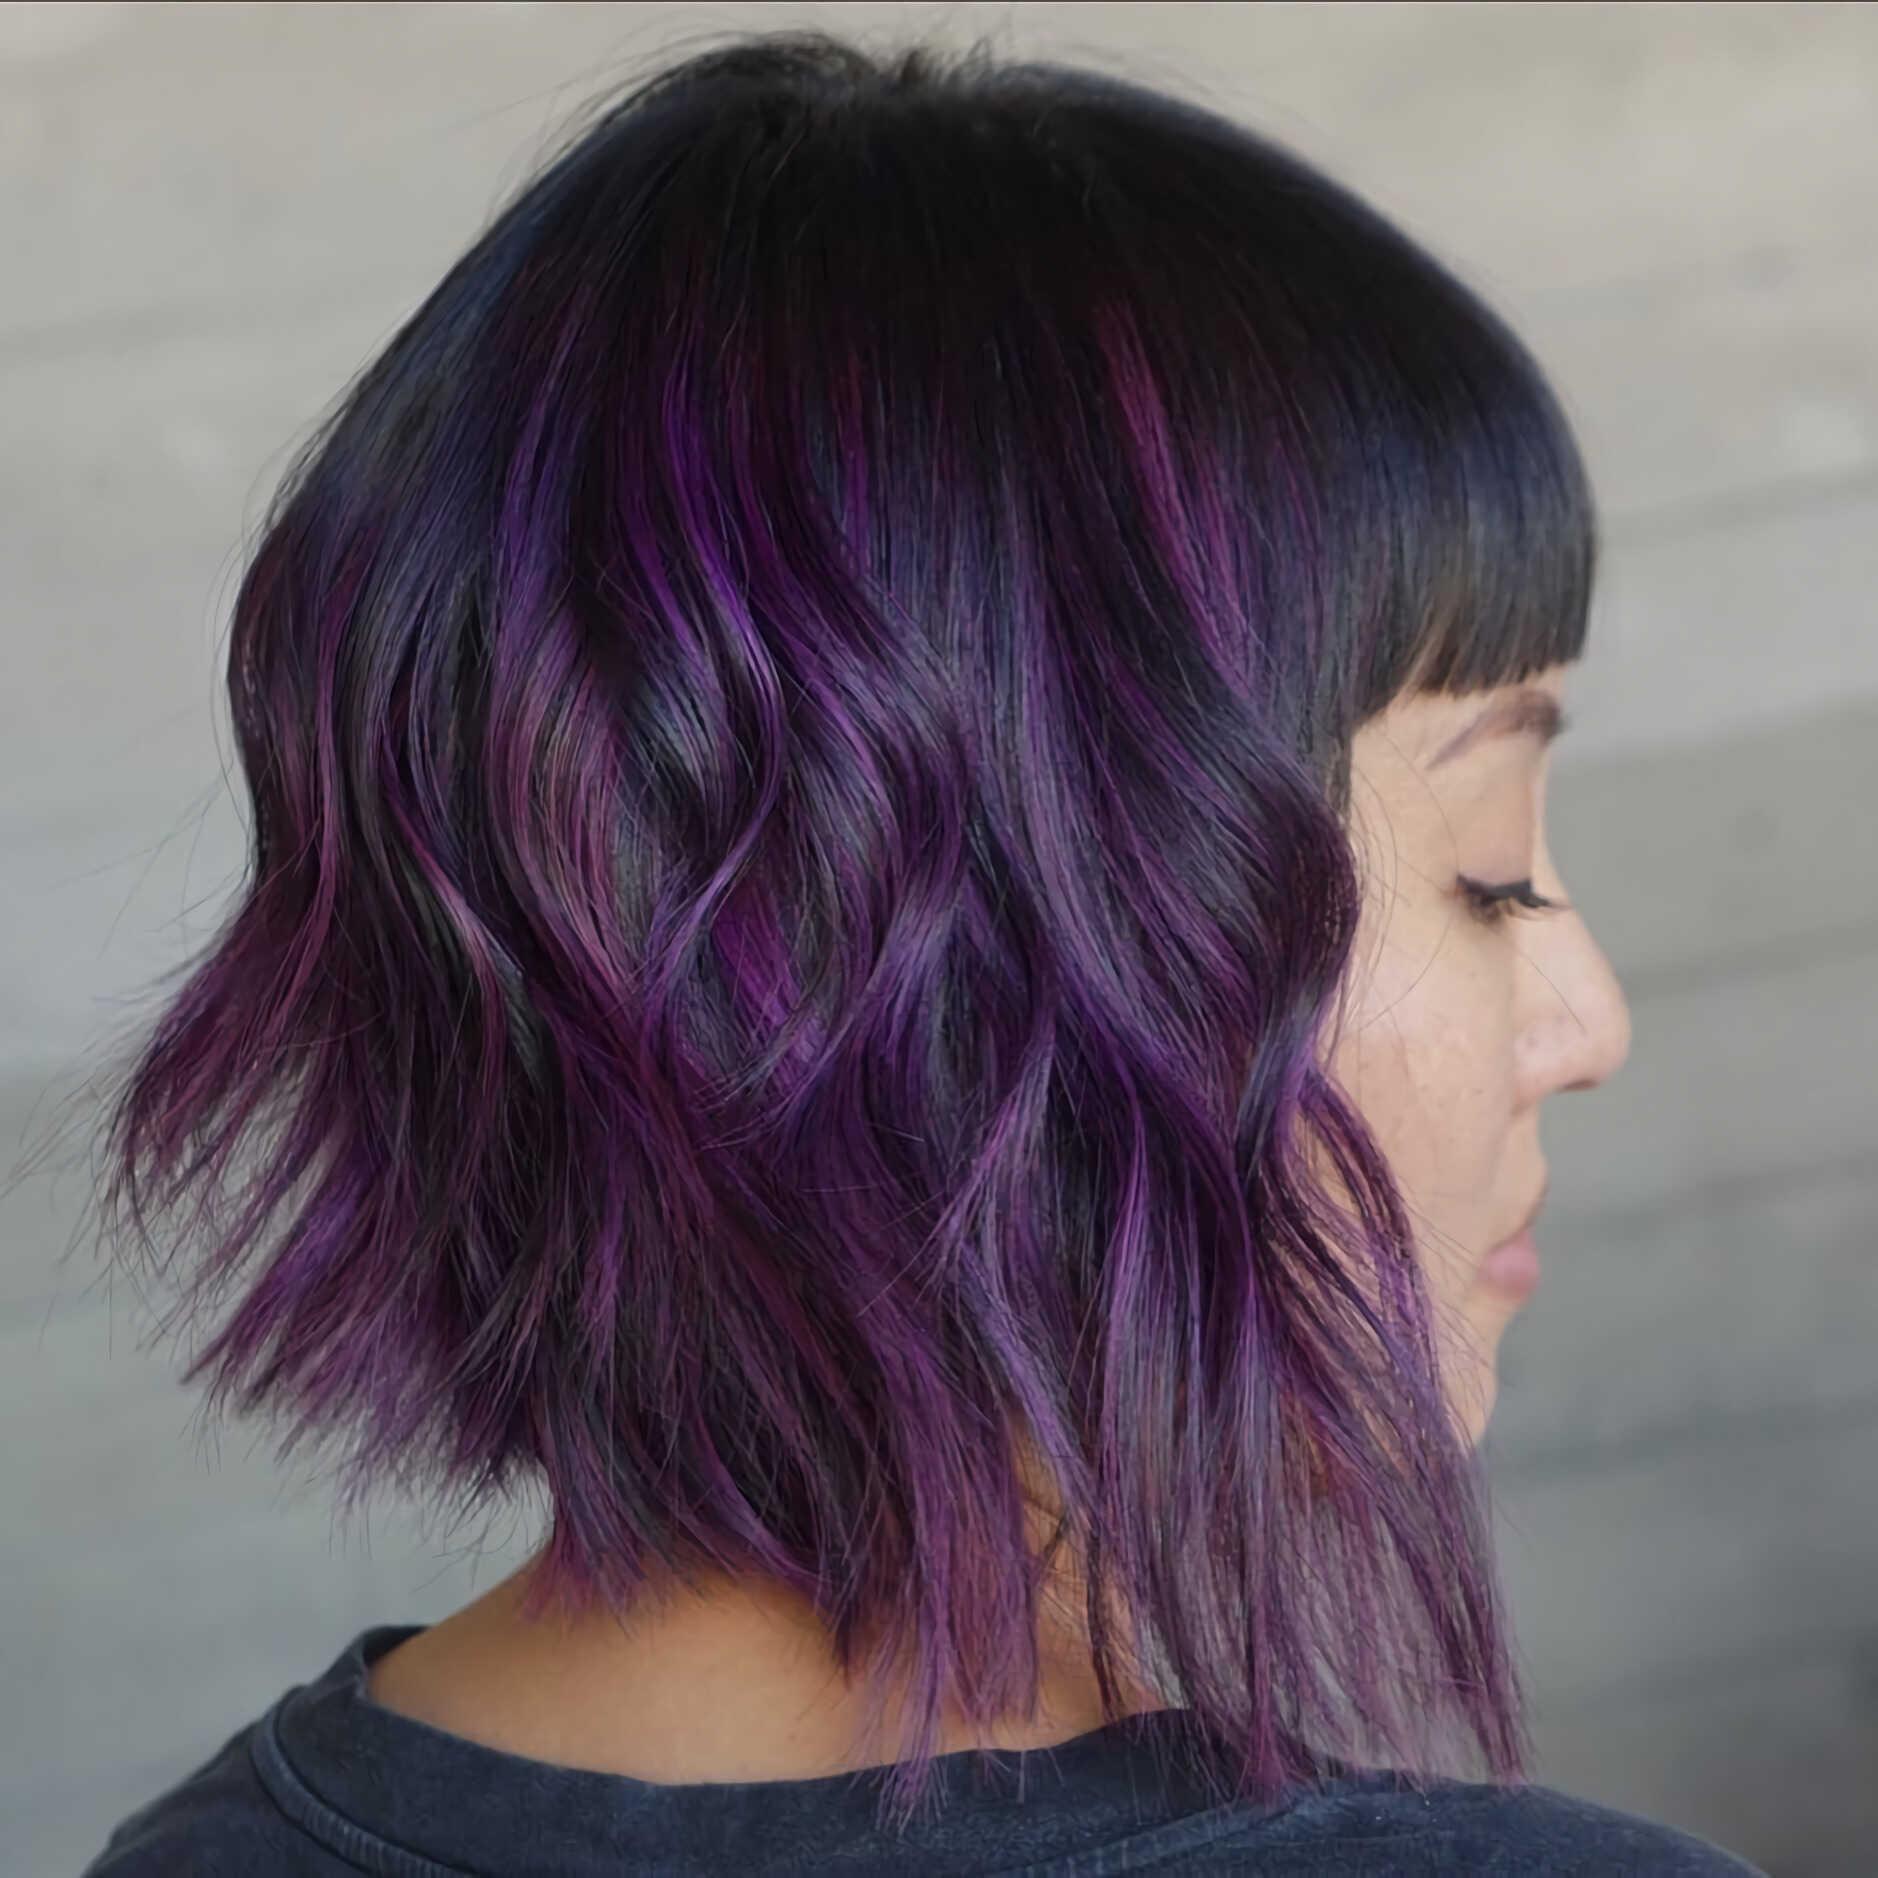 модная вечерняя прическа на средние волосы с фиолетовым цветом